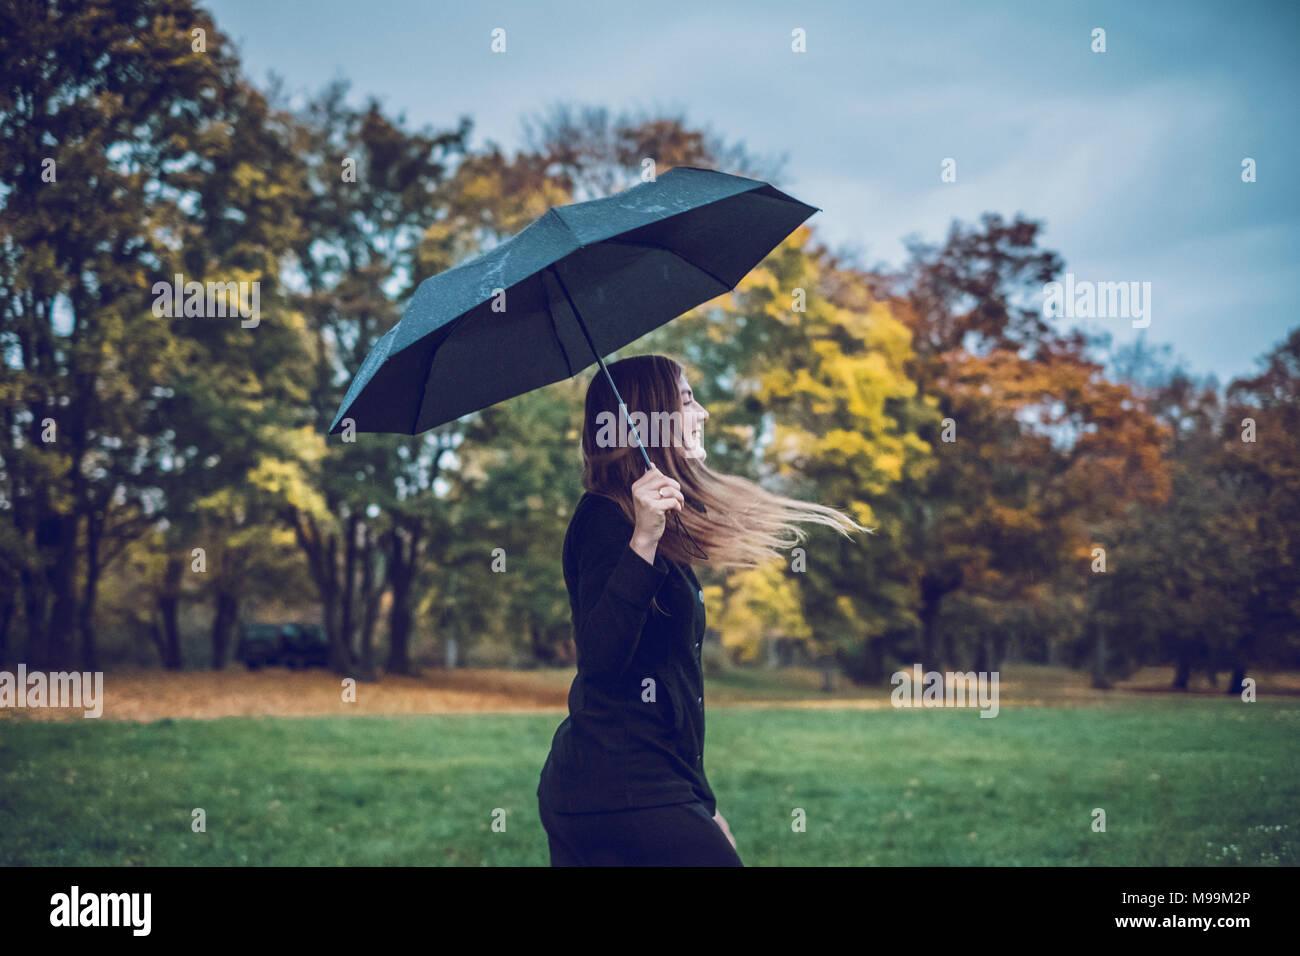 Feliz joven con sombrilla caminando en el parque otoñal Imagen De Stock